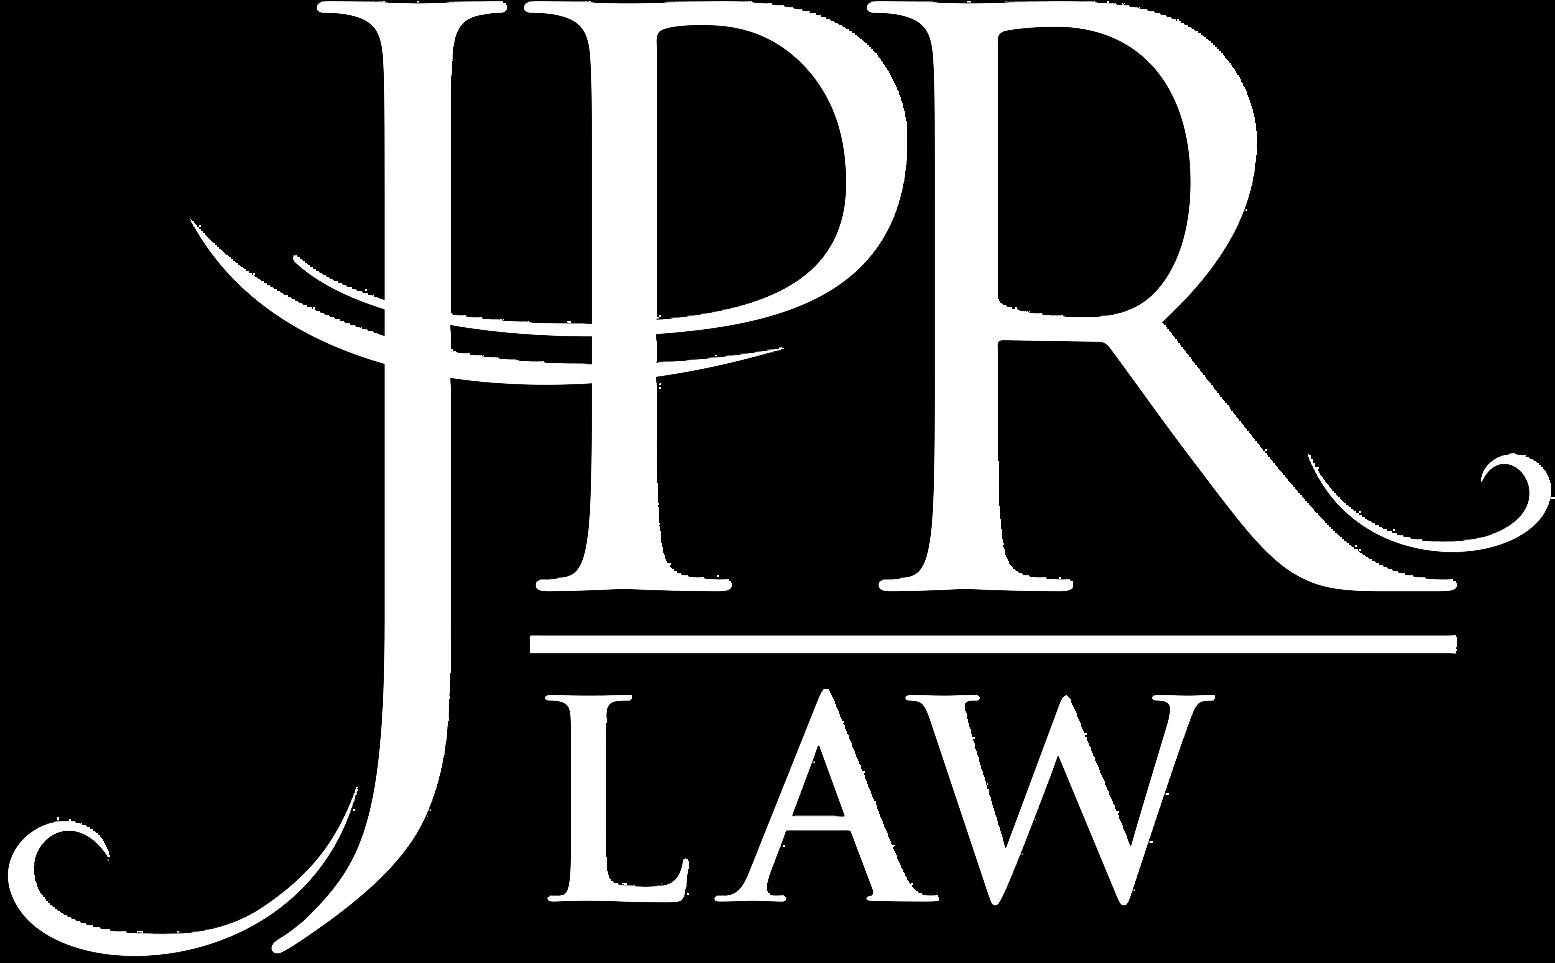 JPR Law